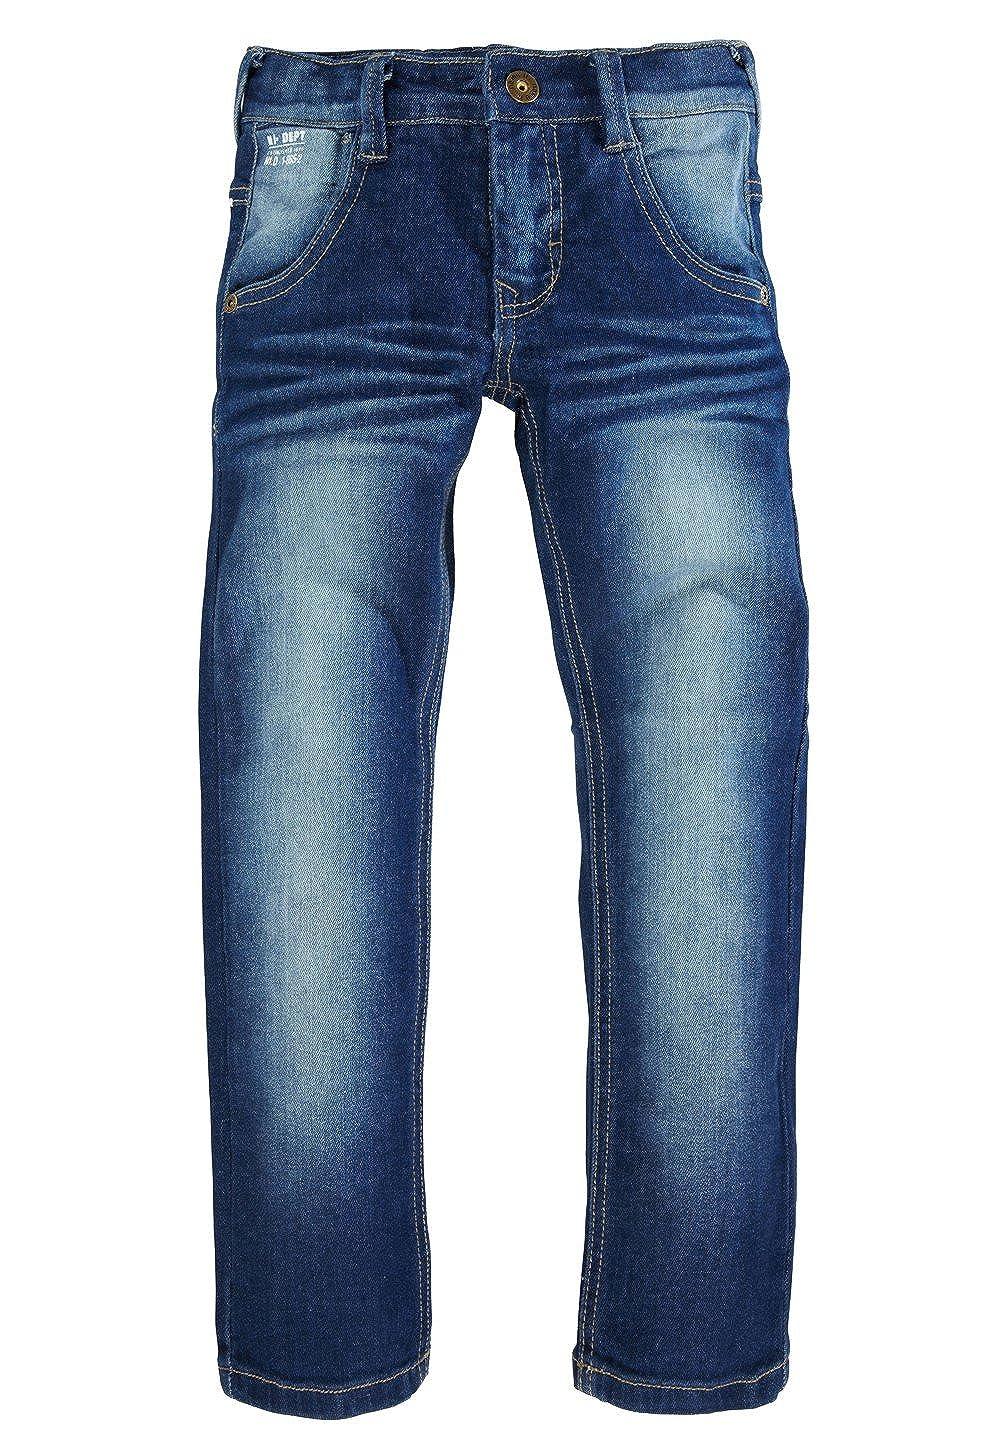 NAME IT Leg Jeans Boy'Samuel Crop